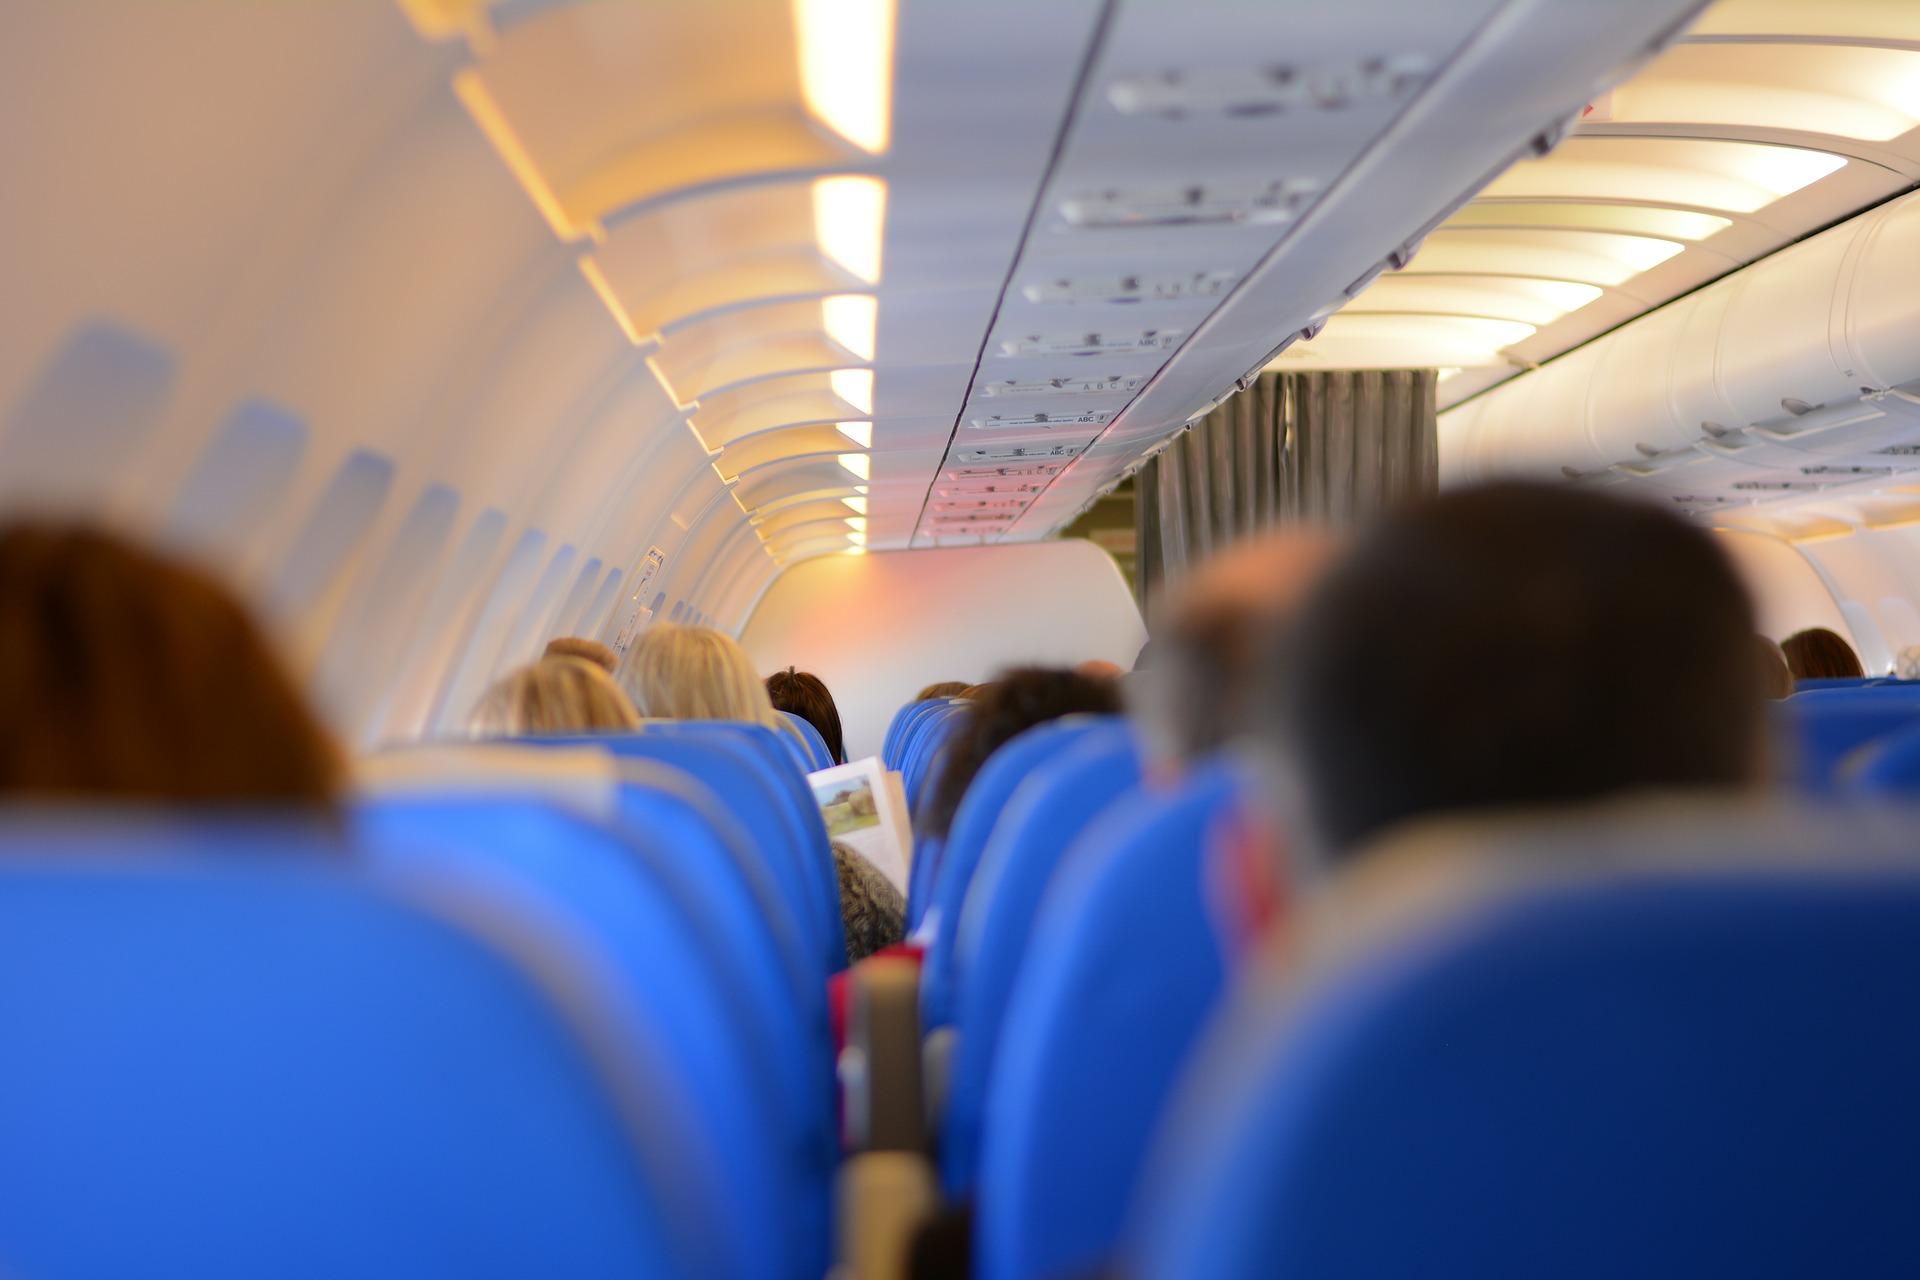 WebJet terá de pagar danos morais a cadeirante carregado no colo para dentro do avião